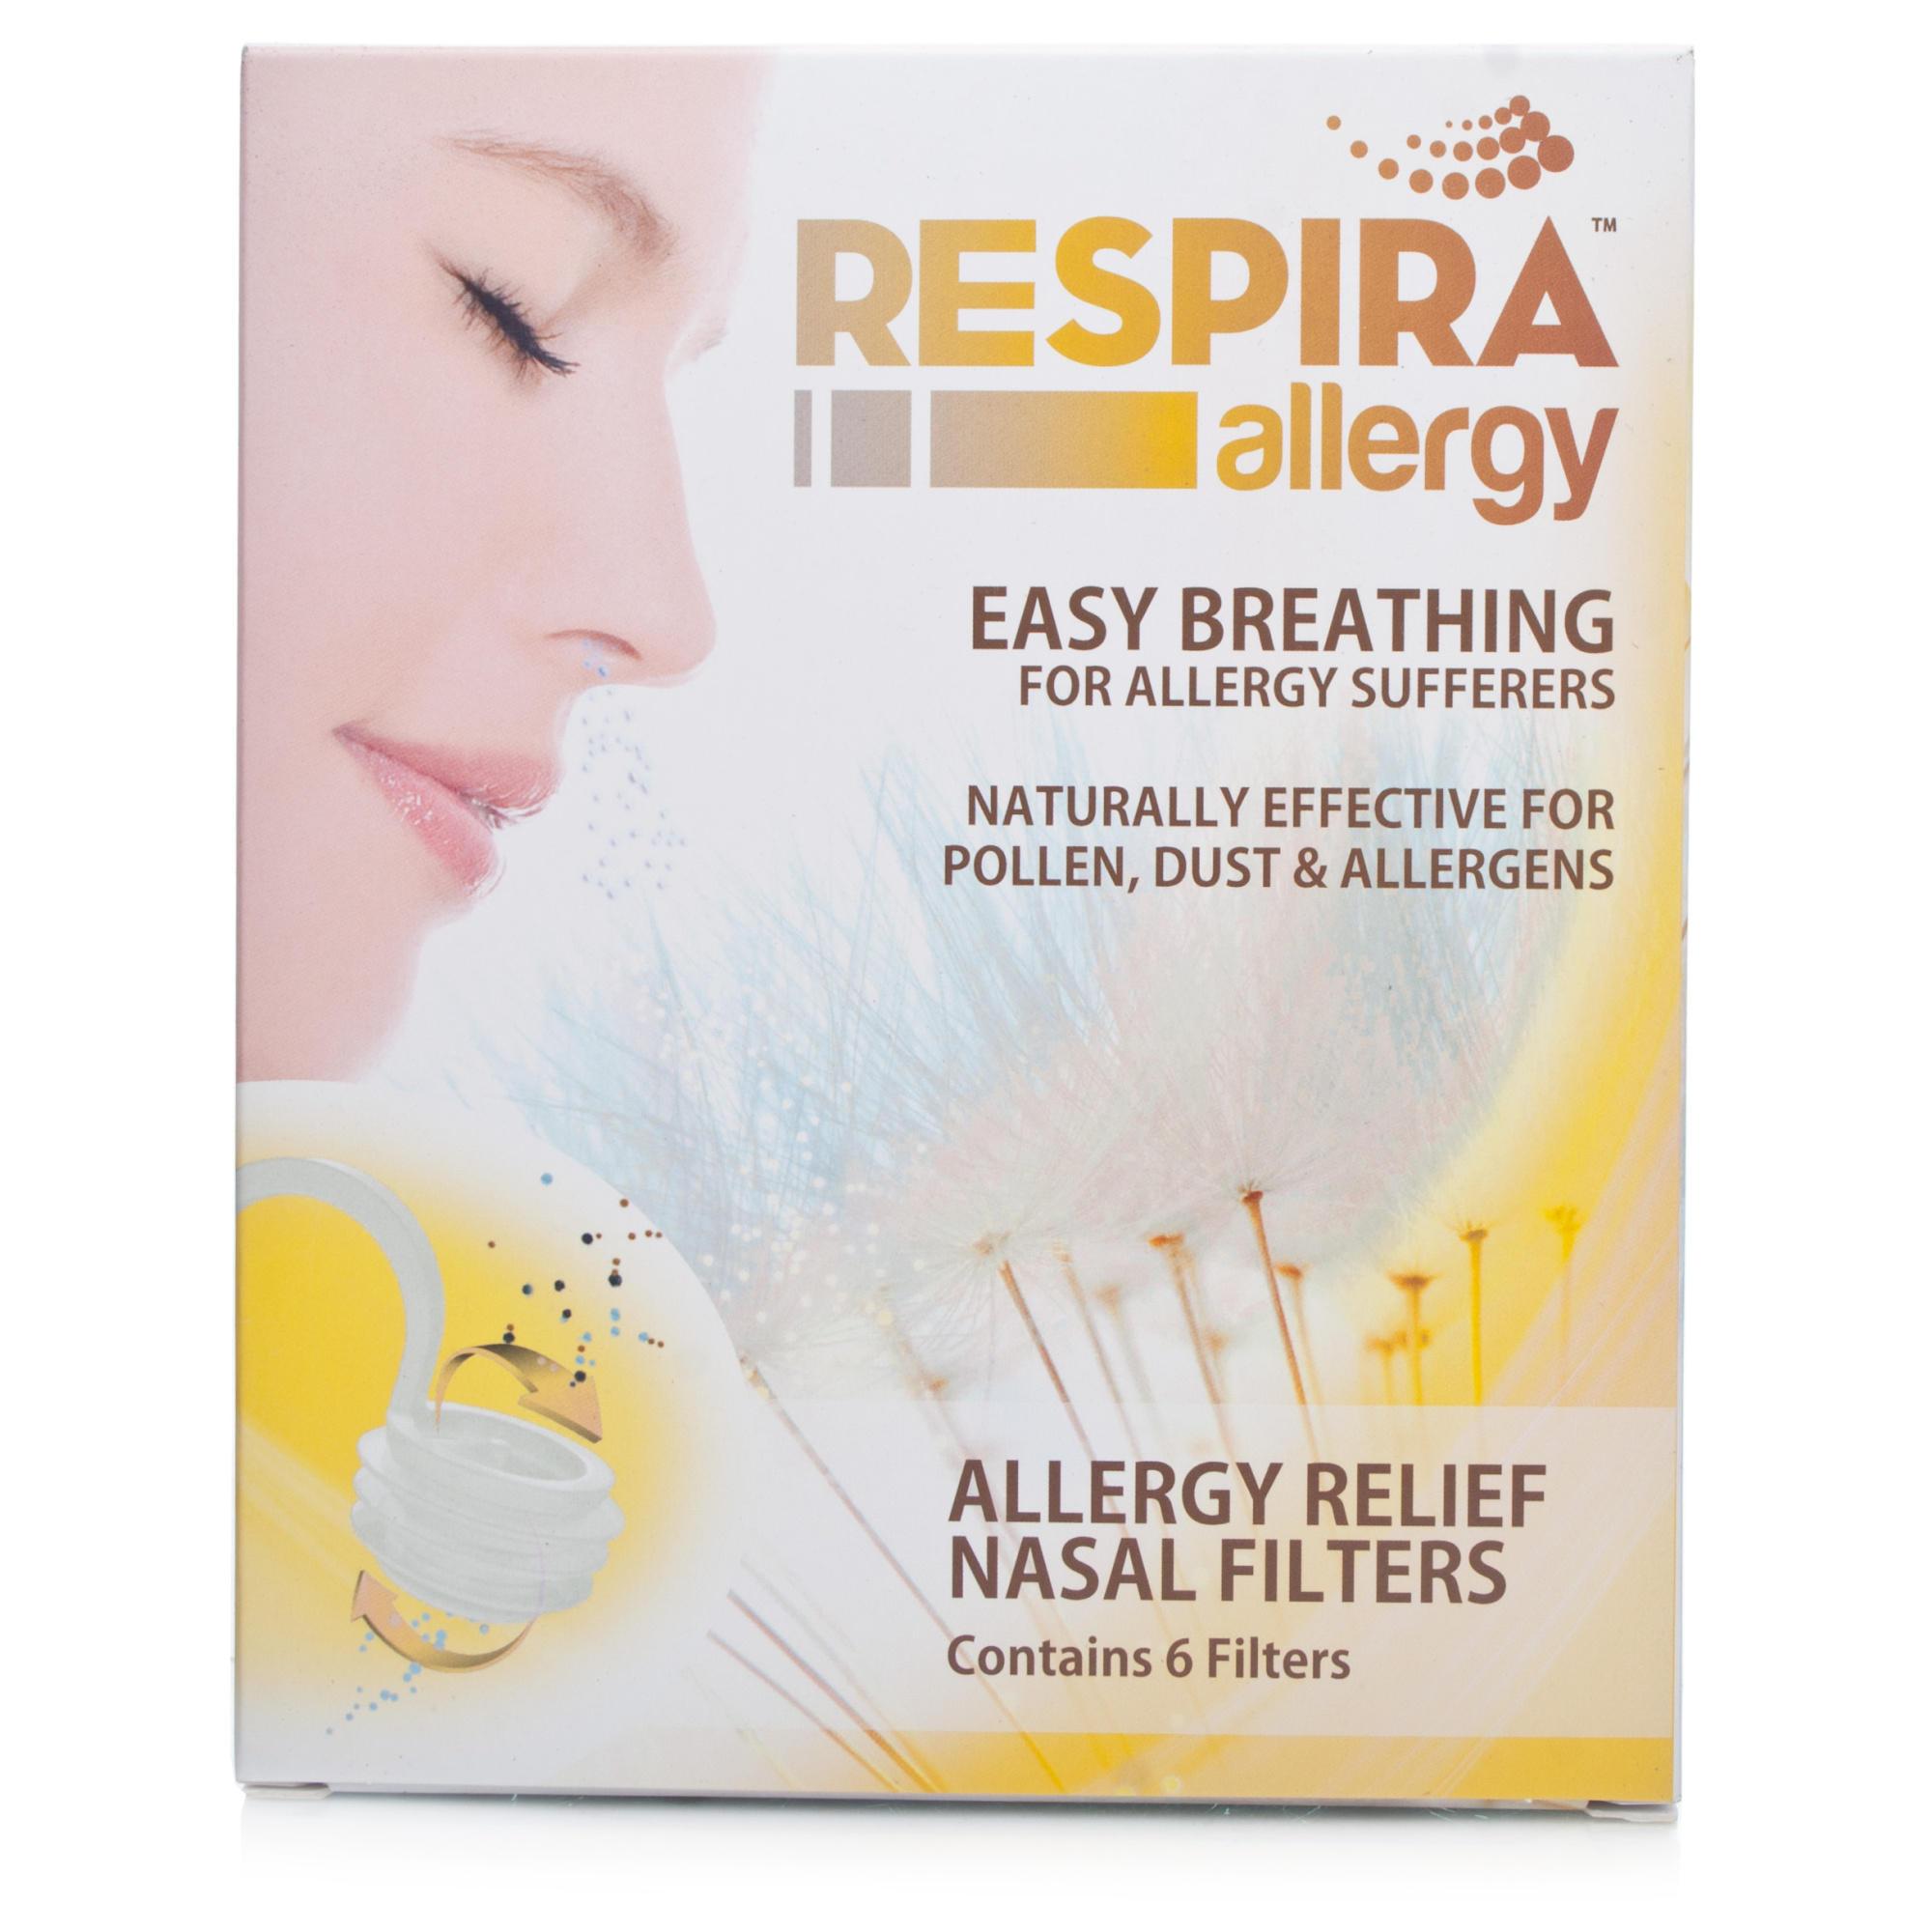 Filtr łagodzący dla alergików Respira Allergy